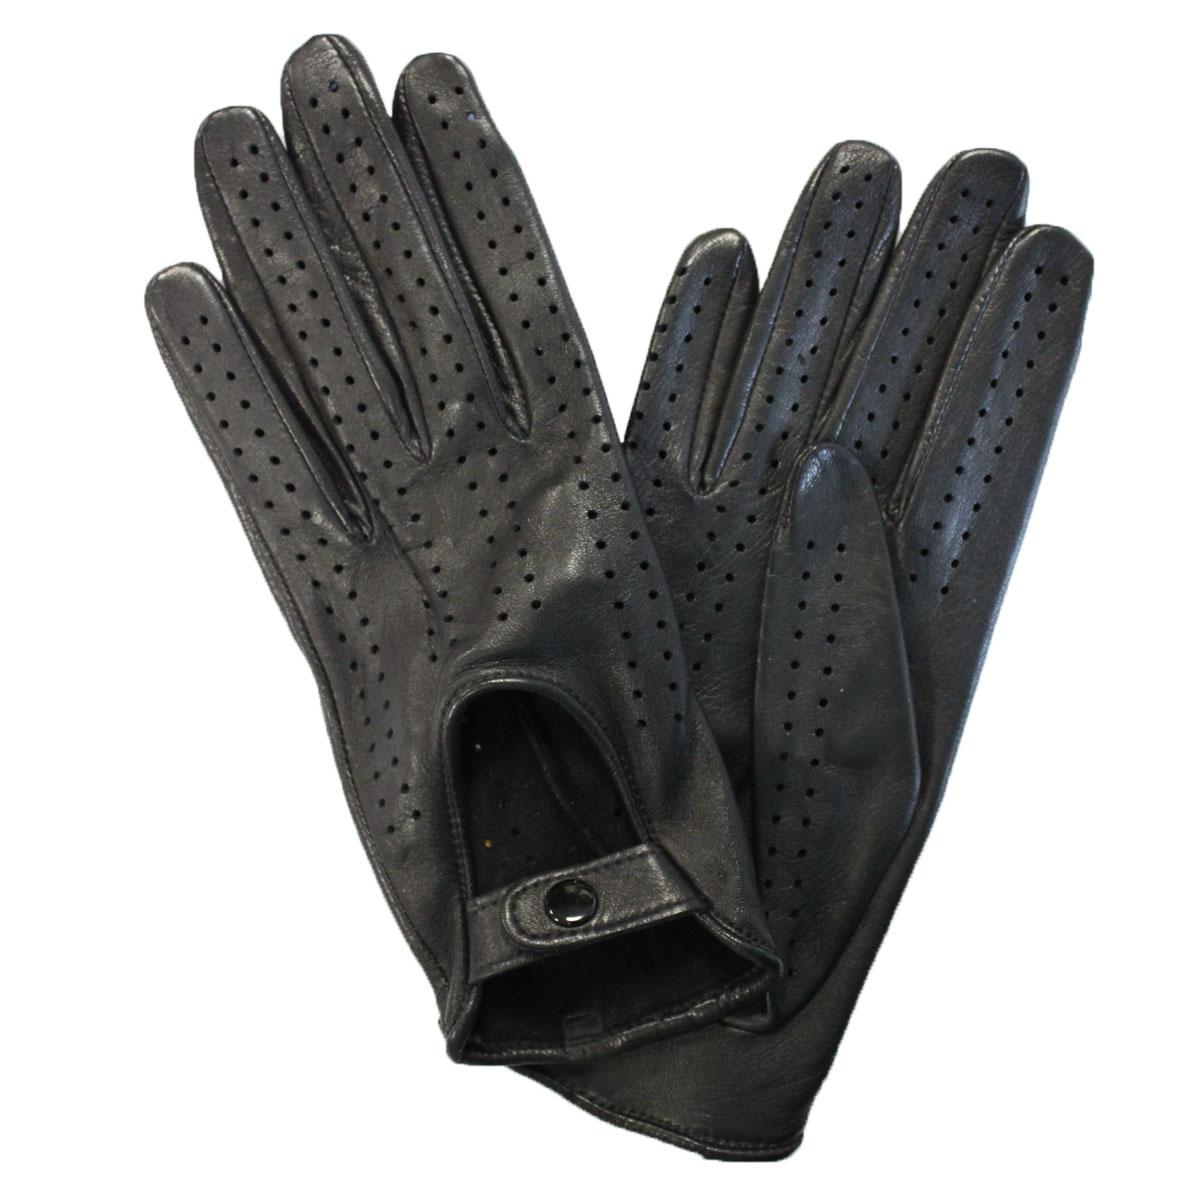 Перчатки женские Edmins, цвет: черный. Э-20L_242. Размер 7,5Э-20L_242Стильные перчатки Edmins без подкладки выполнены из мягкой и приятной на ощупь натуральной кожи ягненка. Такие перчатки станут отличным дополнением к вашему образу.На внешней стороне перчатки сделана выемка, которая застегивается на кнопку. Вся поверхность перчатки декорирована перфорацией.